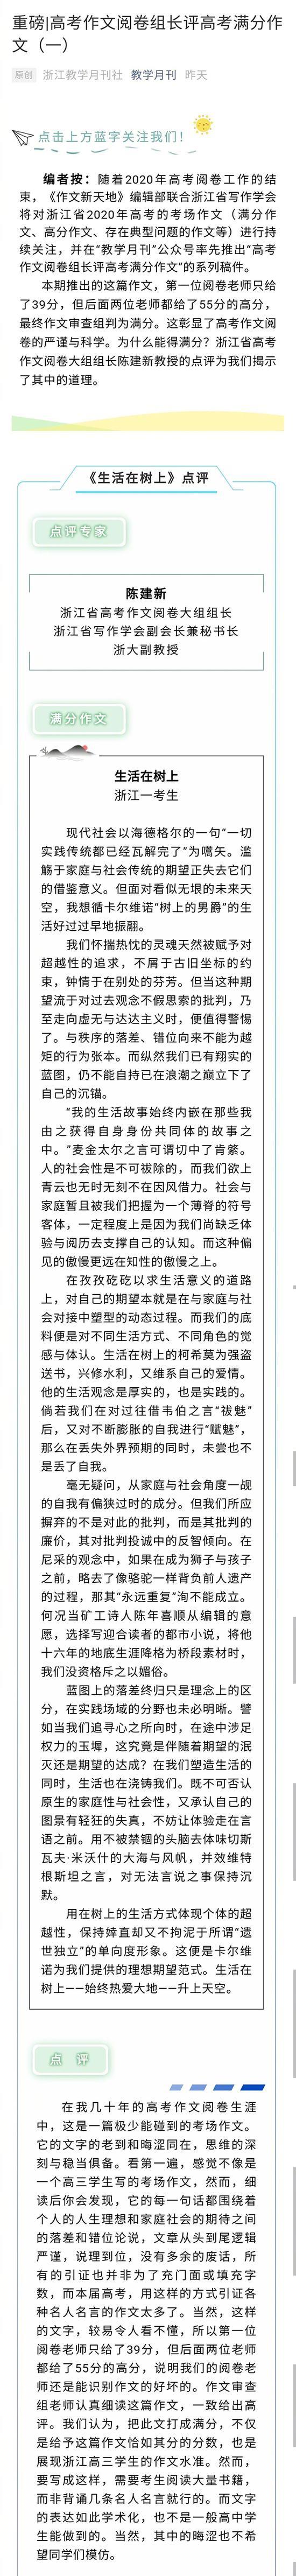 披露浙江高考满分作文后又删文 教学月刊回应